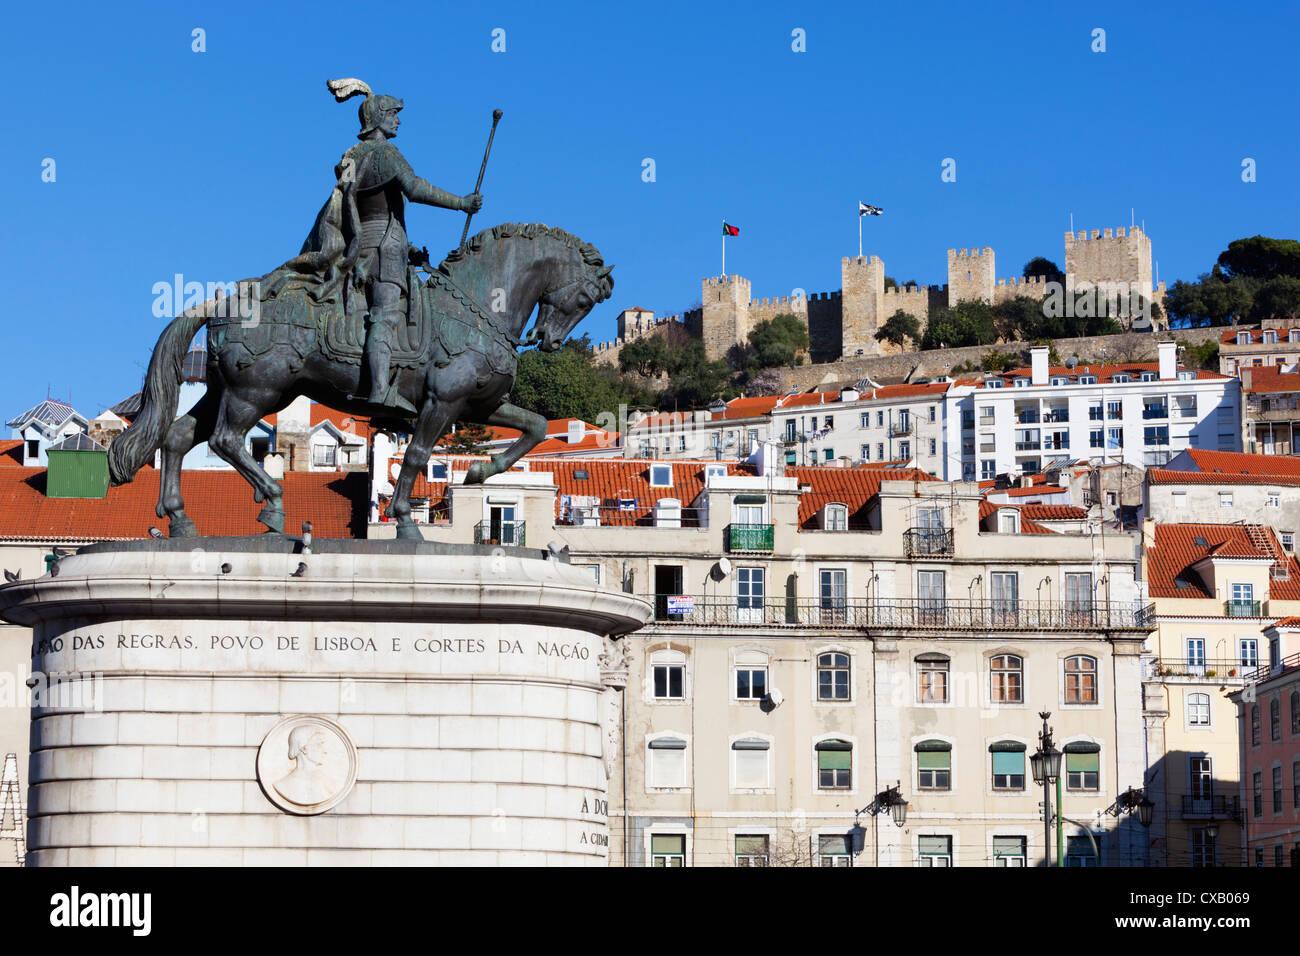 Statue of King John 1st and Castelo de Sao Jorge, Praca da Figueira, Baixa, Lisbon, Portugal, Europe Stock Photo